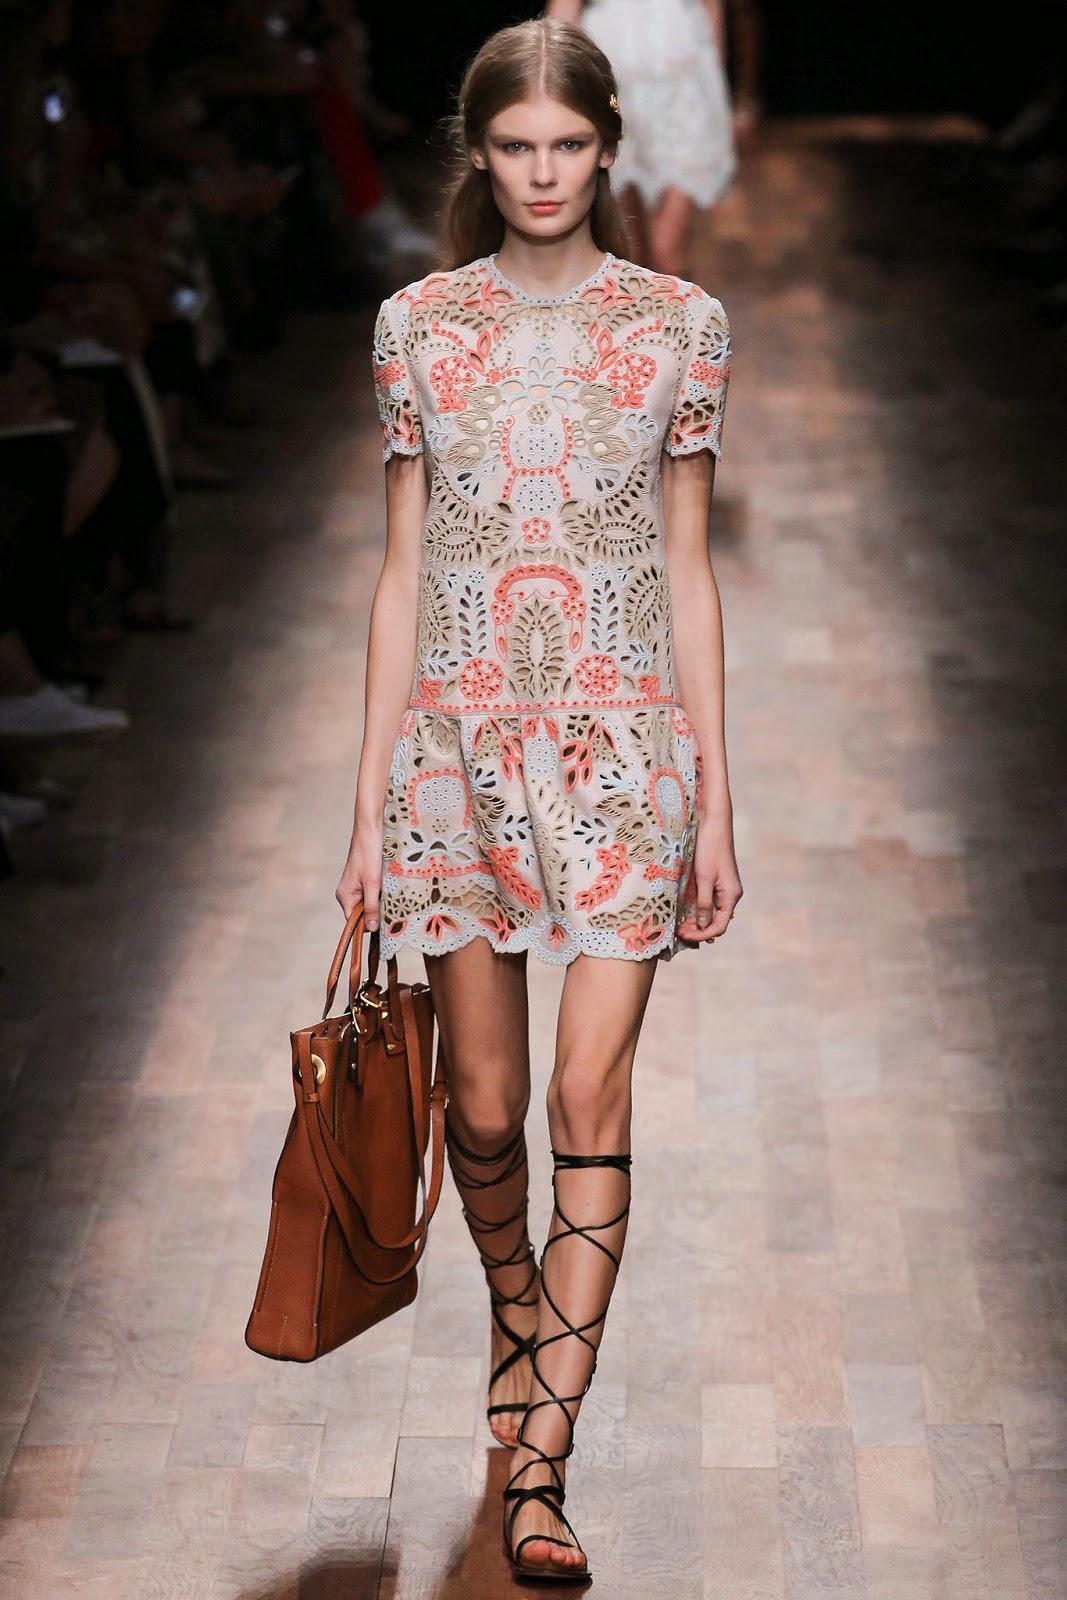 valentino 2015 summer 2016 trend women dress68 Valentino 2015 samling, våren sommaren 2016 Valentino klänning modeller, Valentino kväll klänning nya säsongen kvinnors kjolar modeller